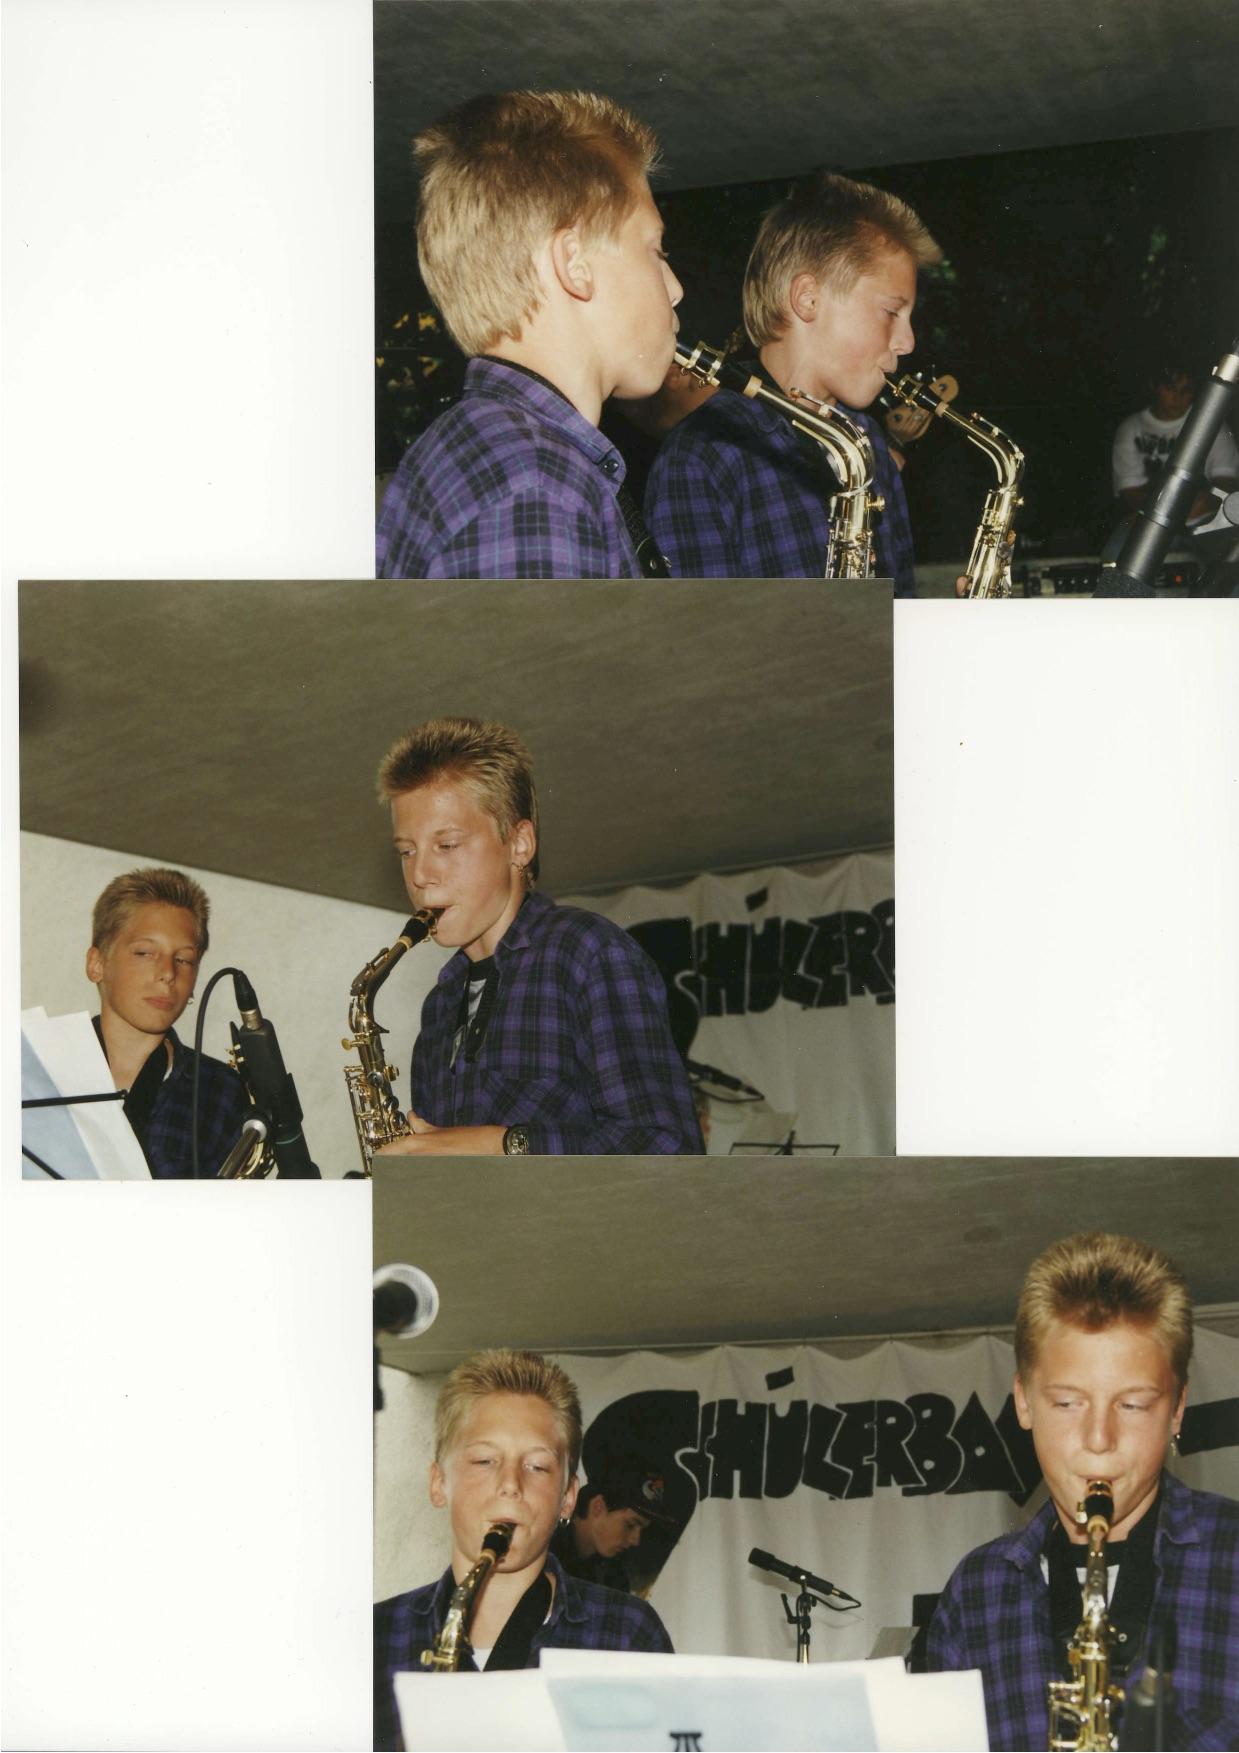 Saxofonist Zürich Schweiz Saxophonspieler